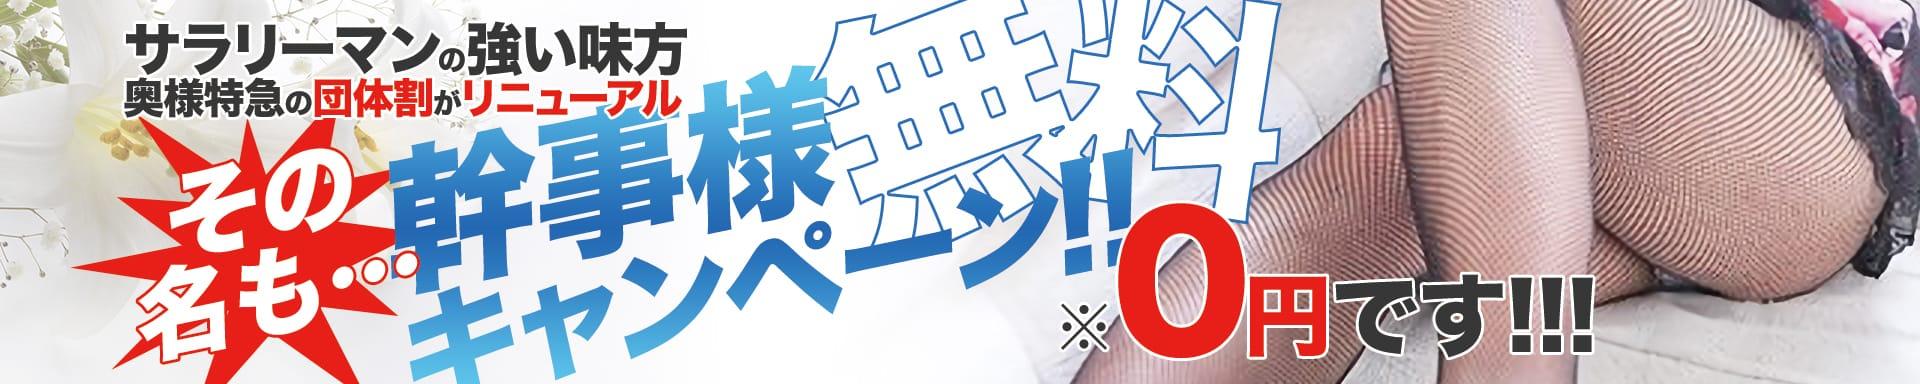 激安!奥様特急品川店 日本最安! その2